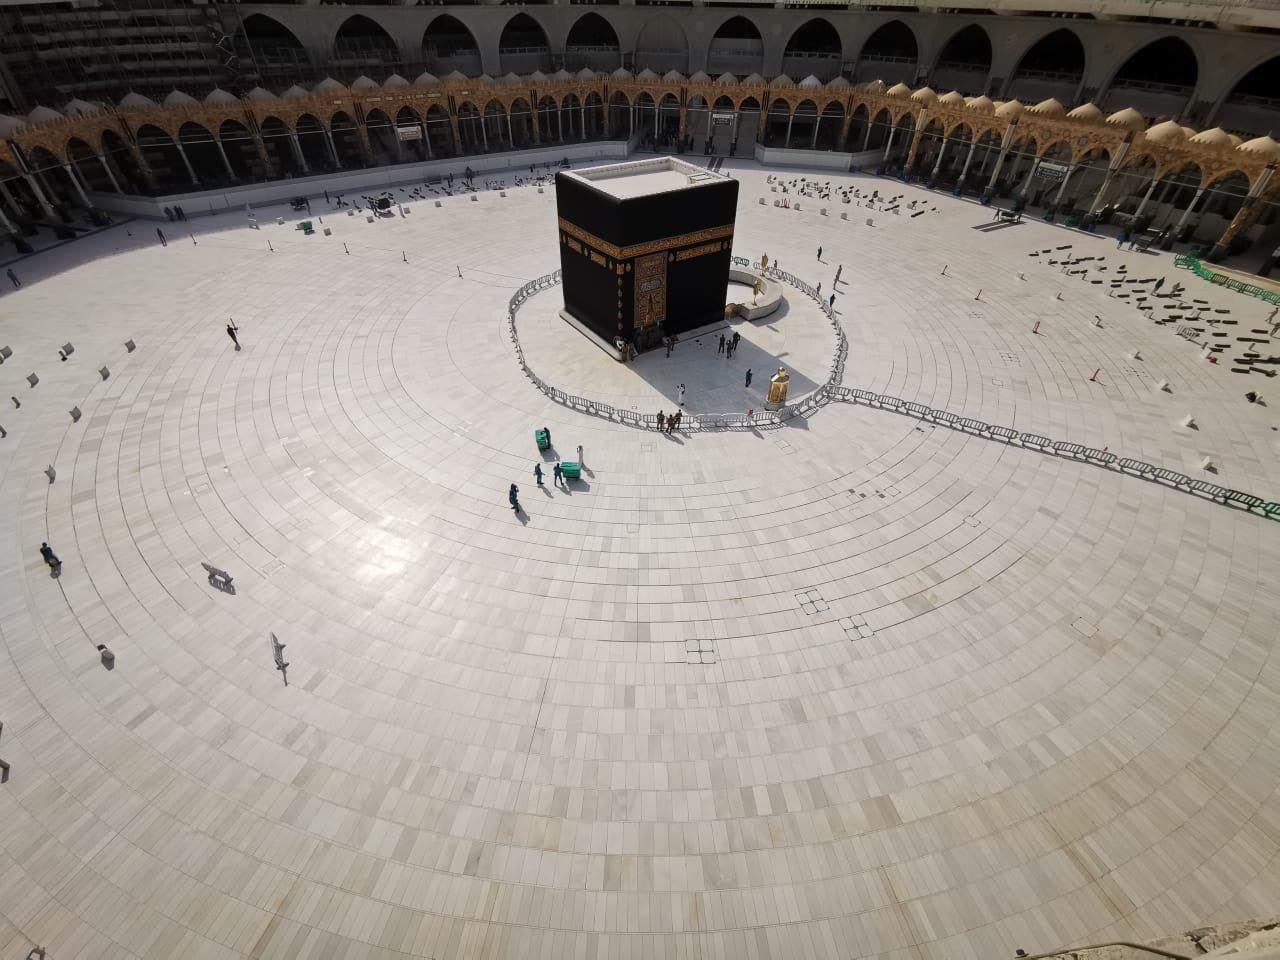 السعودية تقرر إخلاء الحرم المكي لإجراء عمليات التعقيم تحسبا لانتشار فيروس كورونا